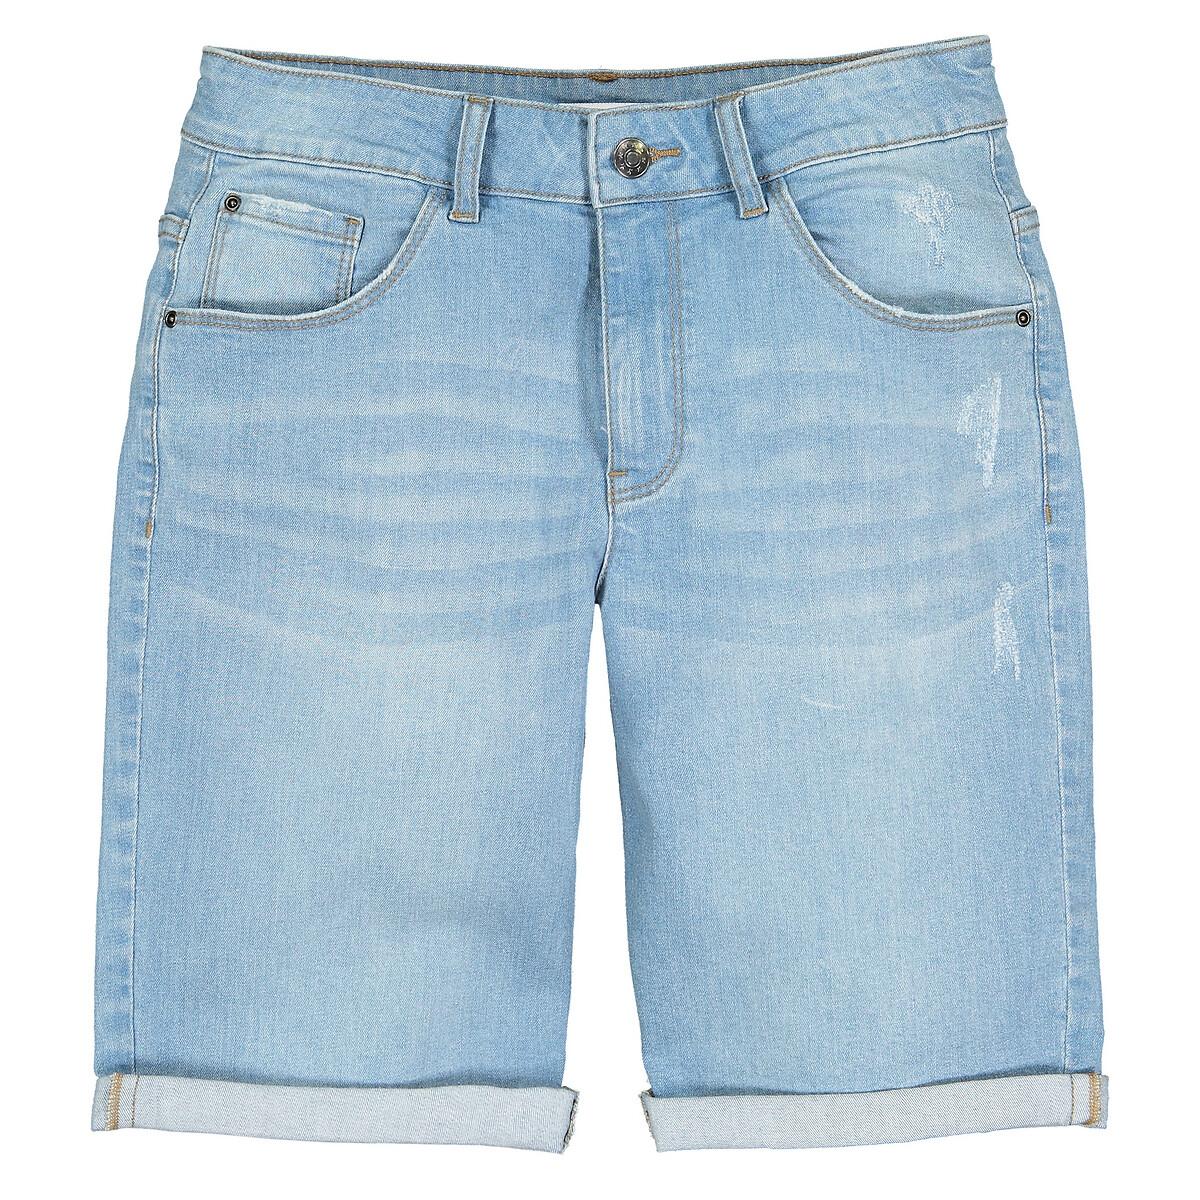 Бермуды La Redoute Из джинсовой ткани с эффектом destroy лет 10 синий бермуды la redoute из джинсовой ткани jjirrick jjicon s синий